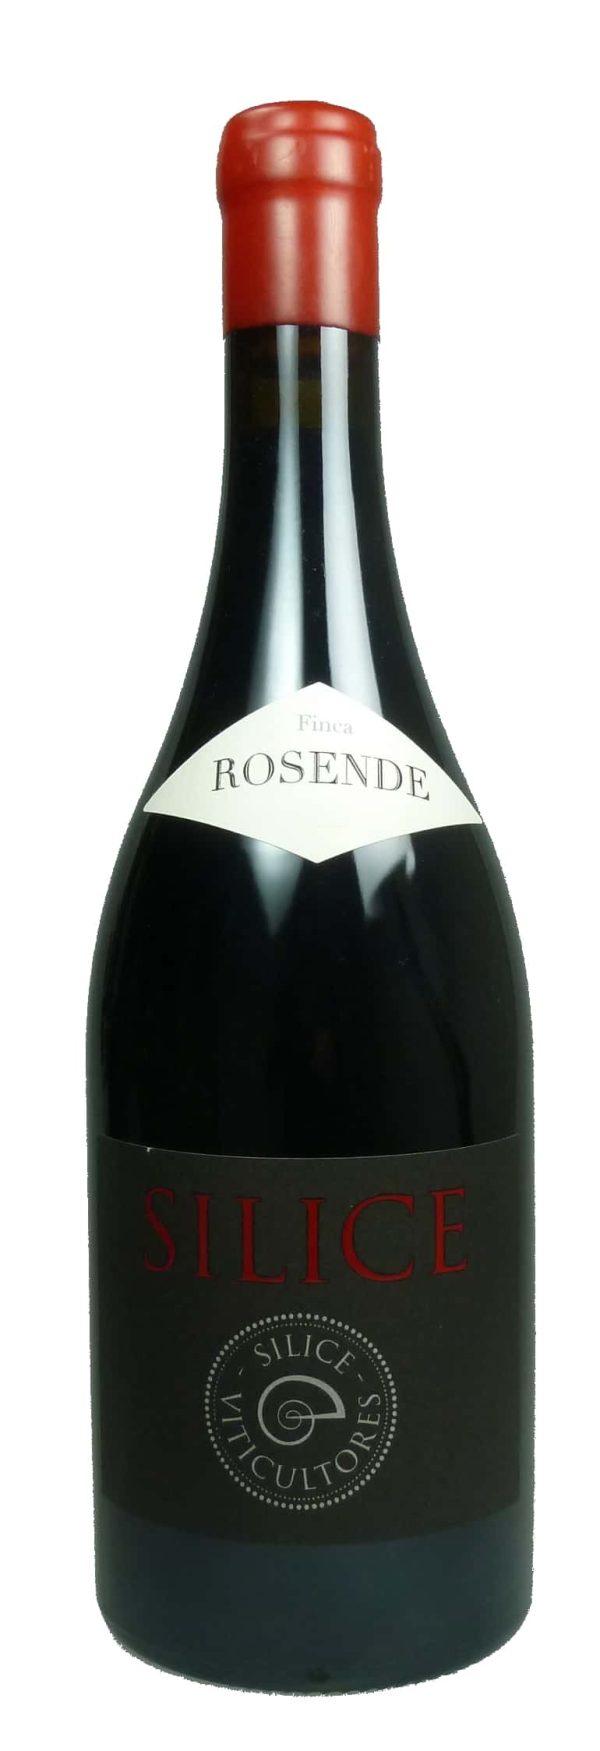 Finca Rosende Ribeira Sacra 2015